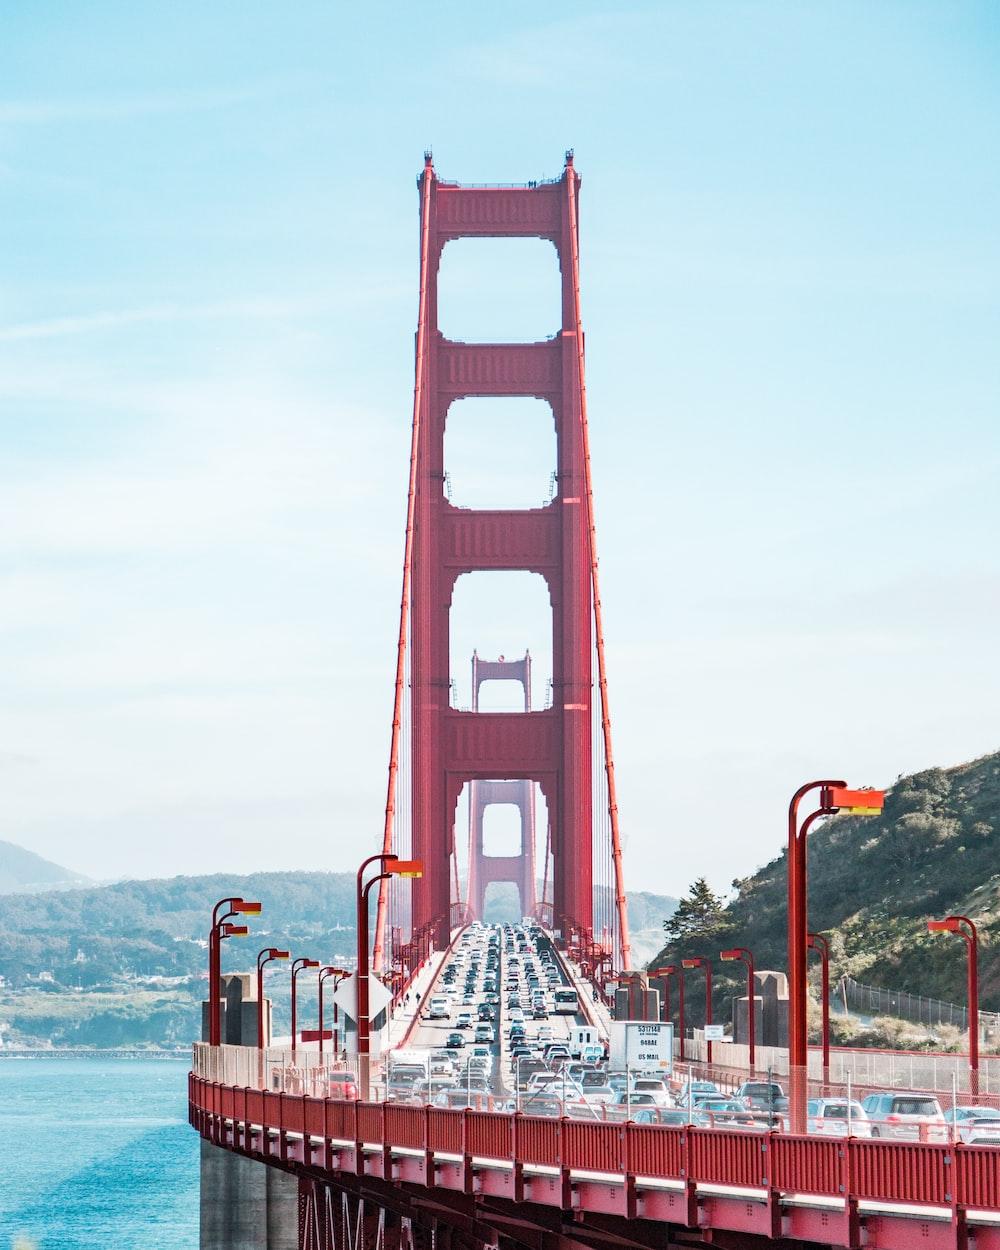 Golden Gate Bridge, San Francisco, U.S.A